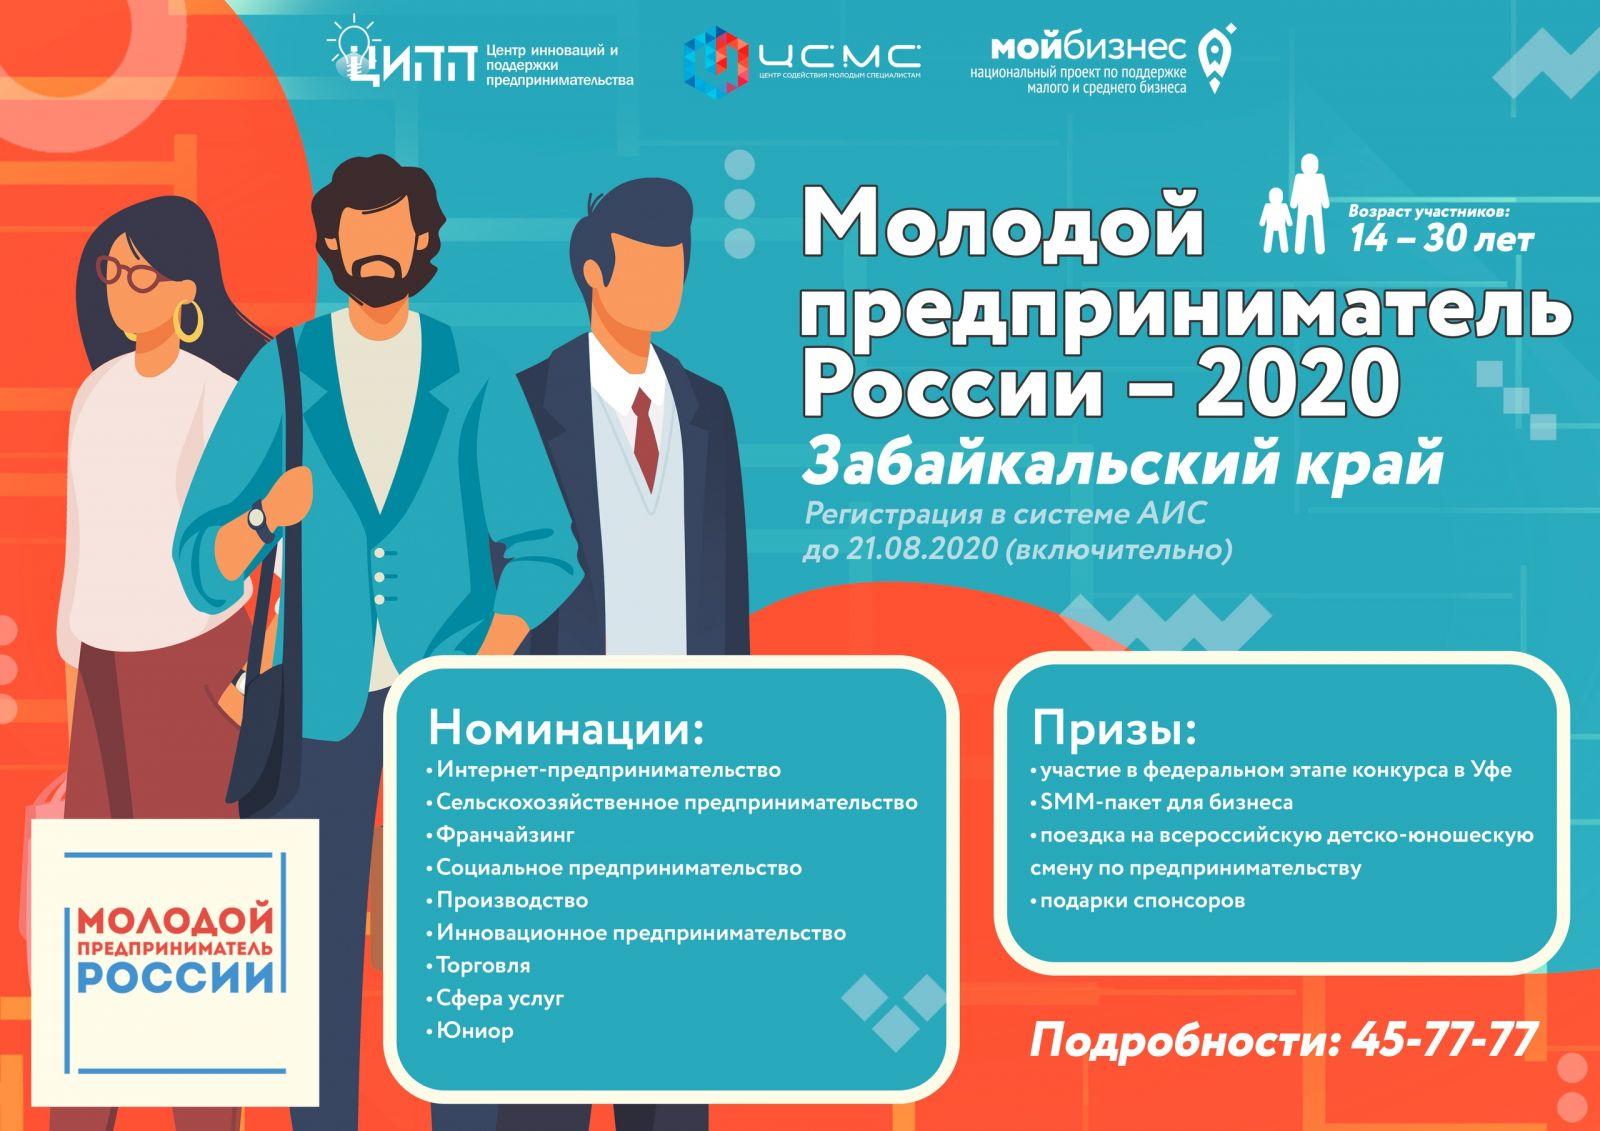 Всероссийский конкурс &quotМолодой предприниматель России 2020&quot